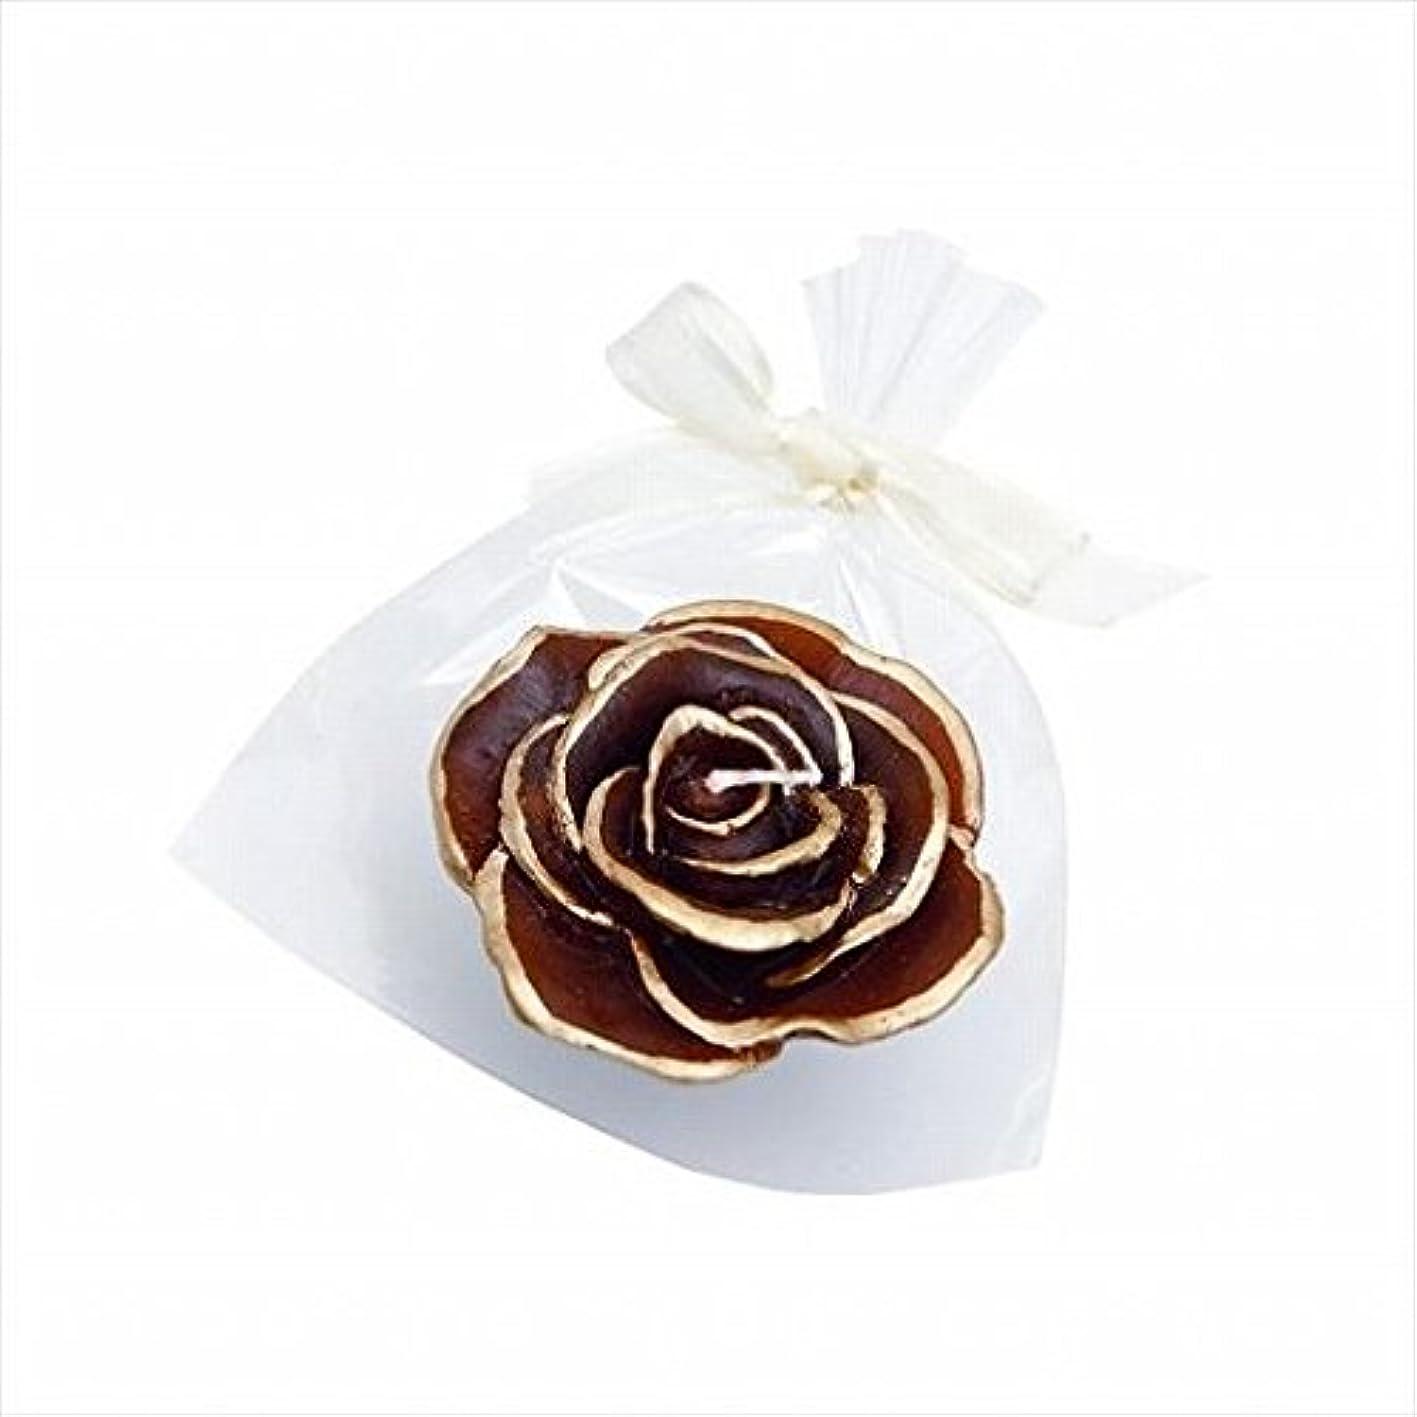 激しい資本主義タイヤkameyama candle(カメヤマキャンドル) プリンセスローズ 「 チョコレート 」(A6390500CH)